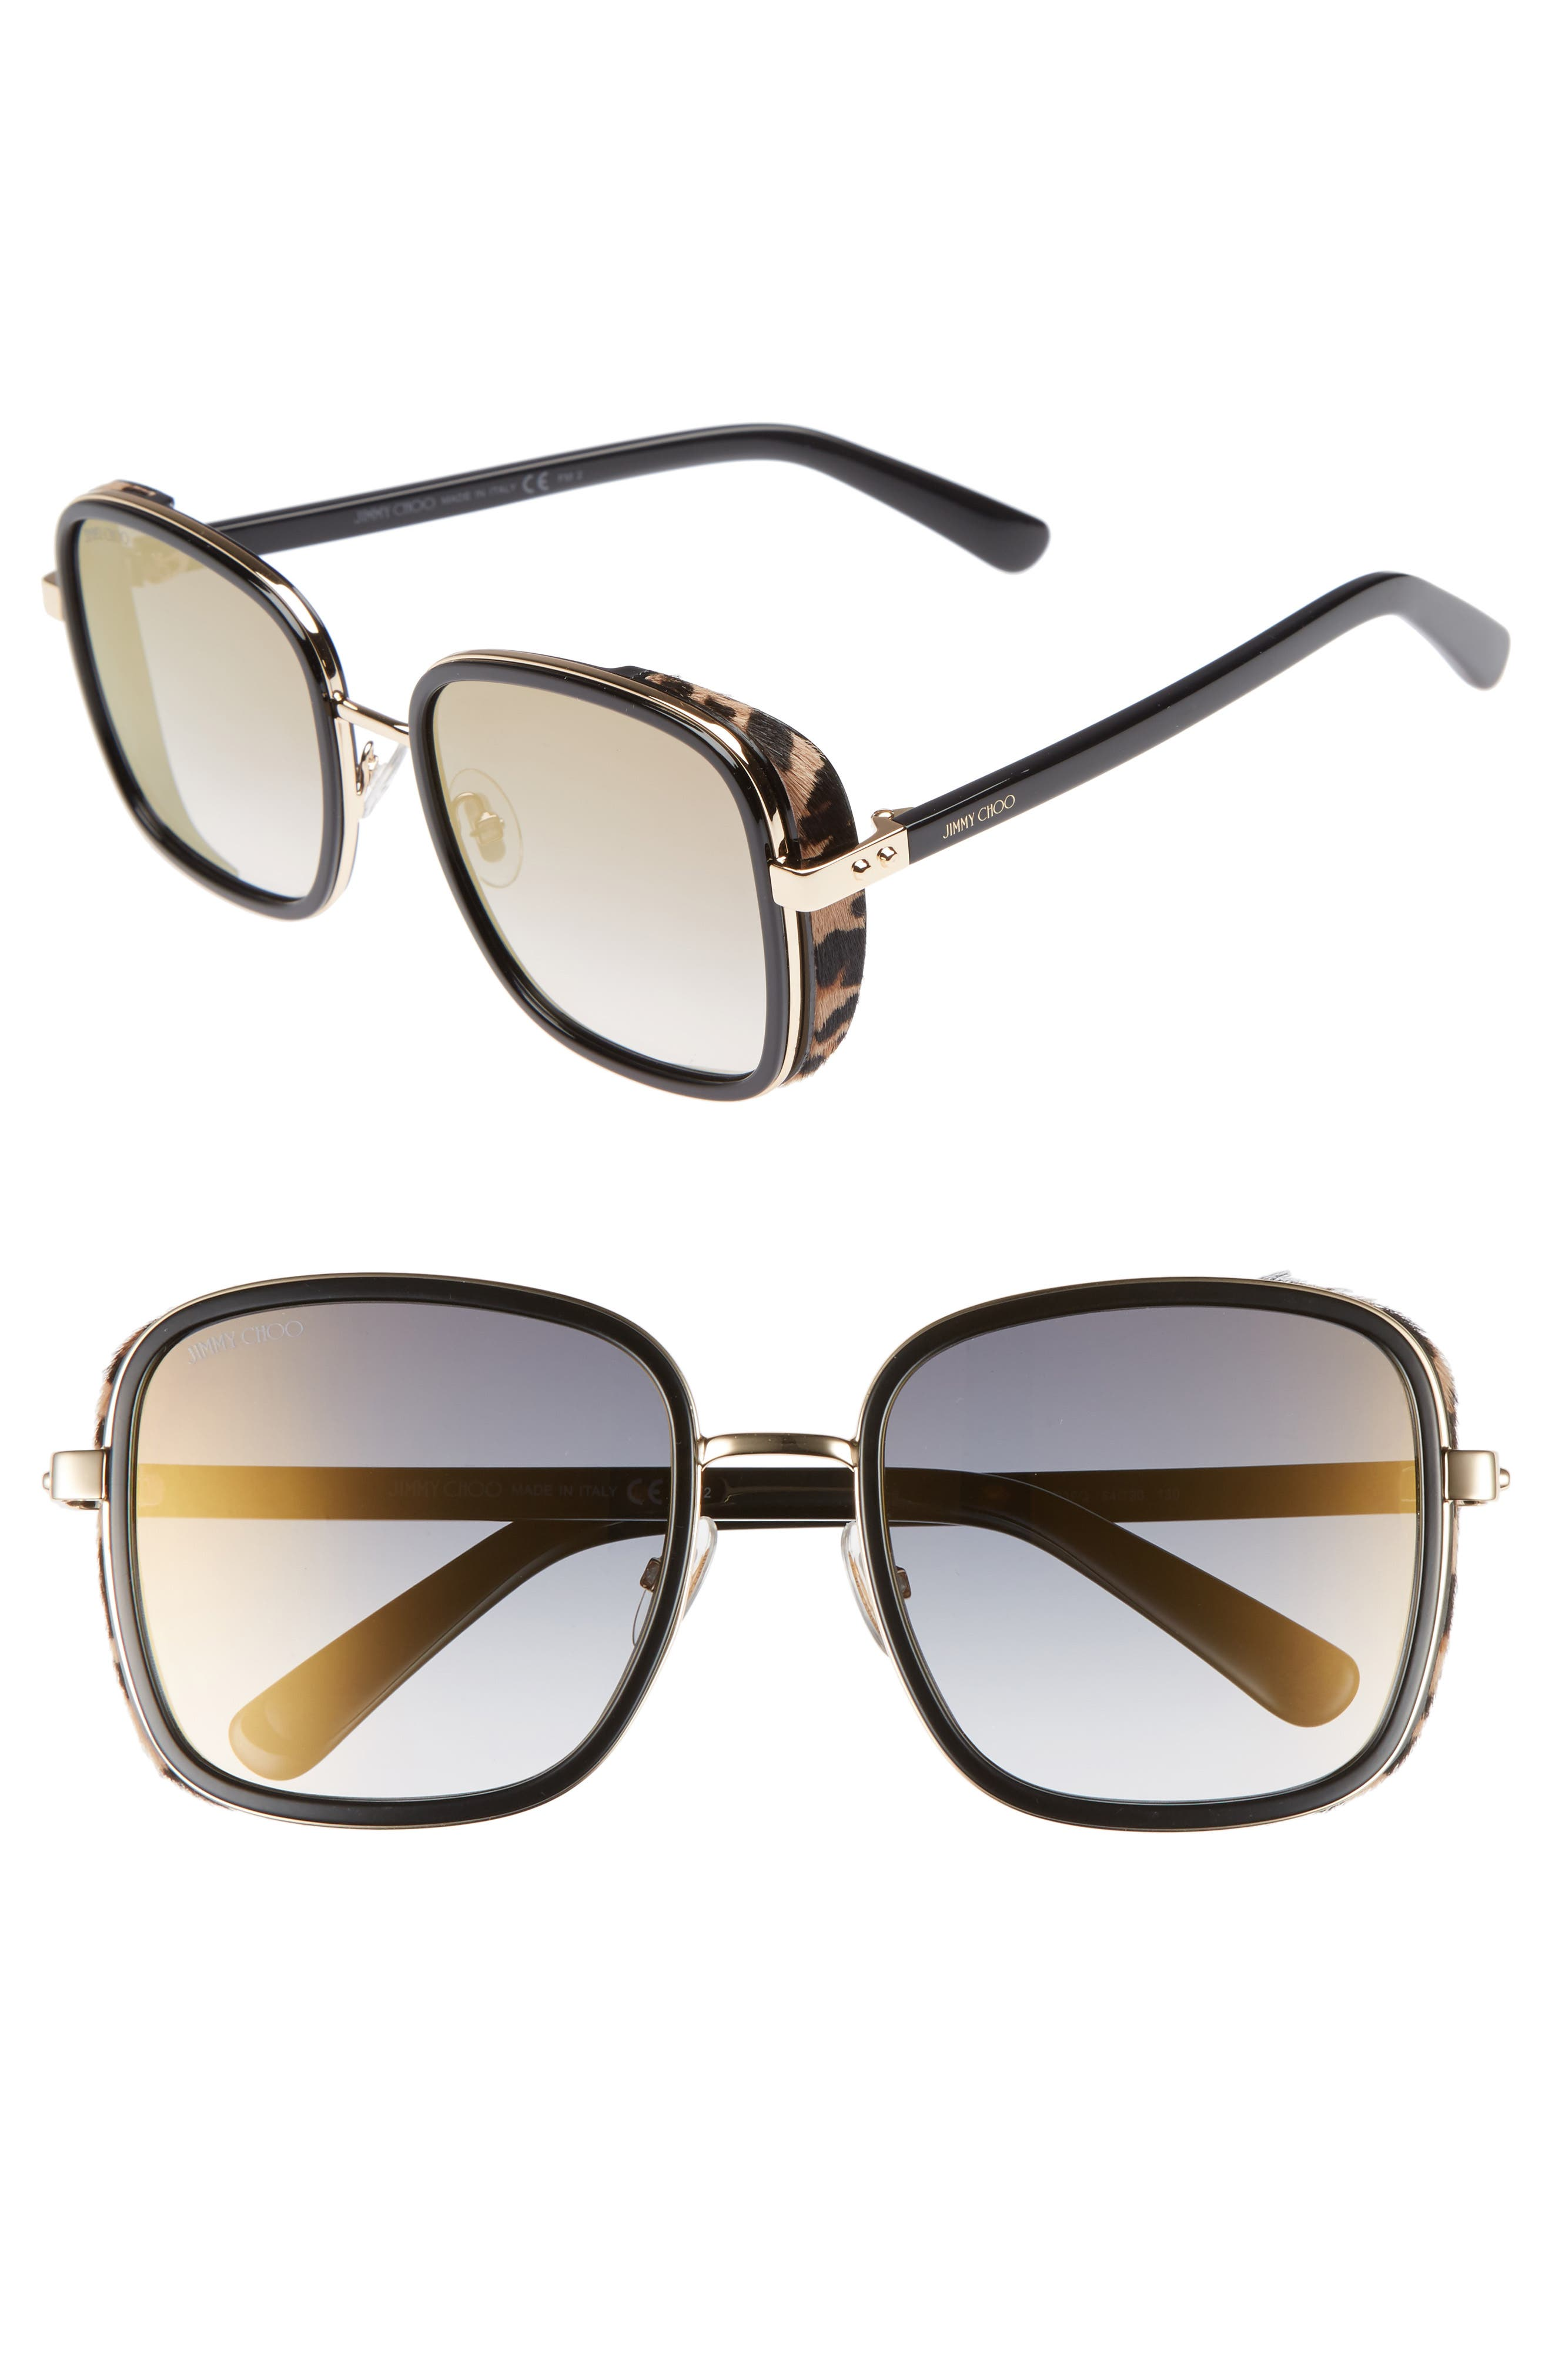 41927f79700 Jimmy Choo Sunglasses for Women